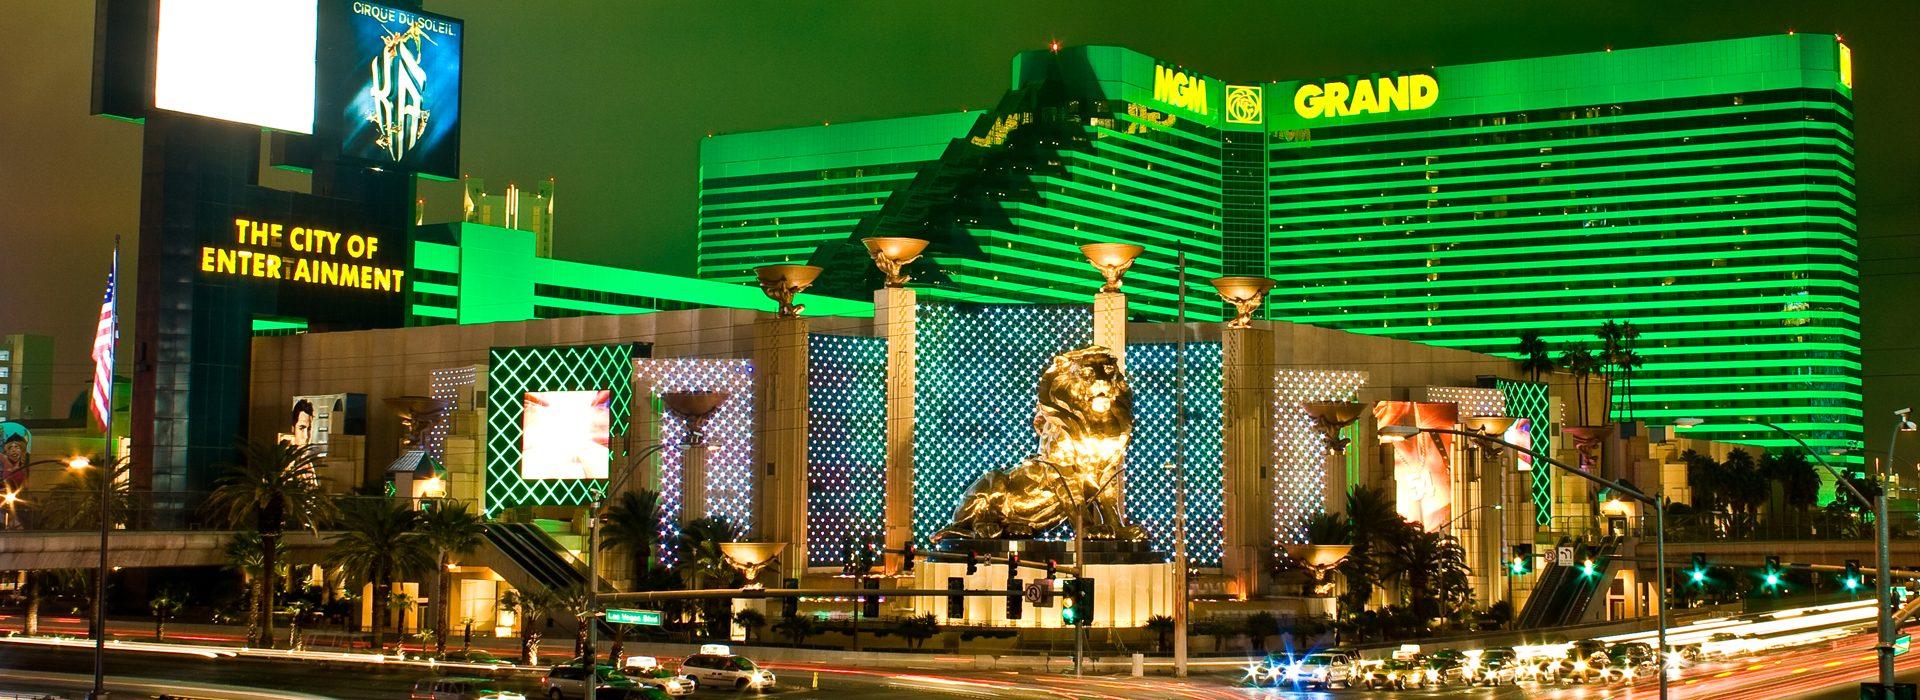 The emerald casino las vegas nj mega milions